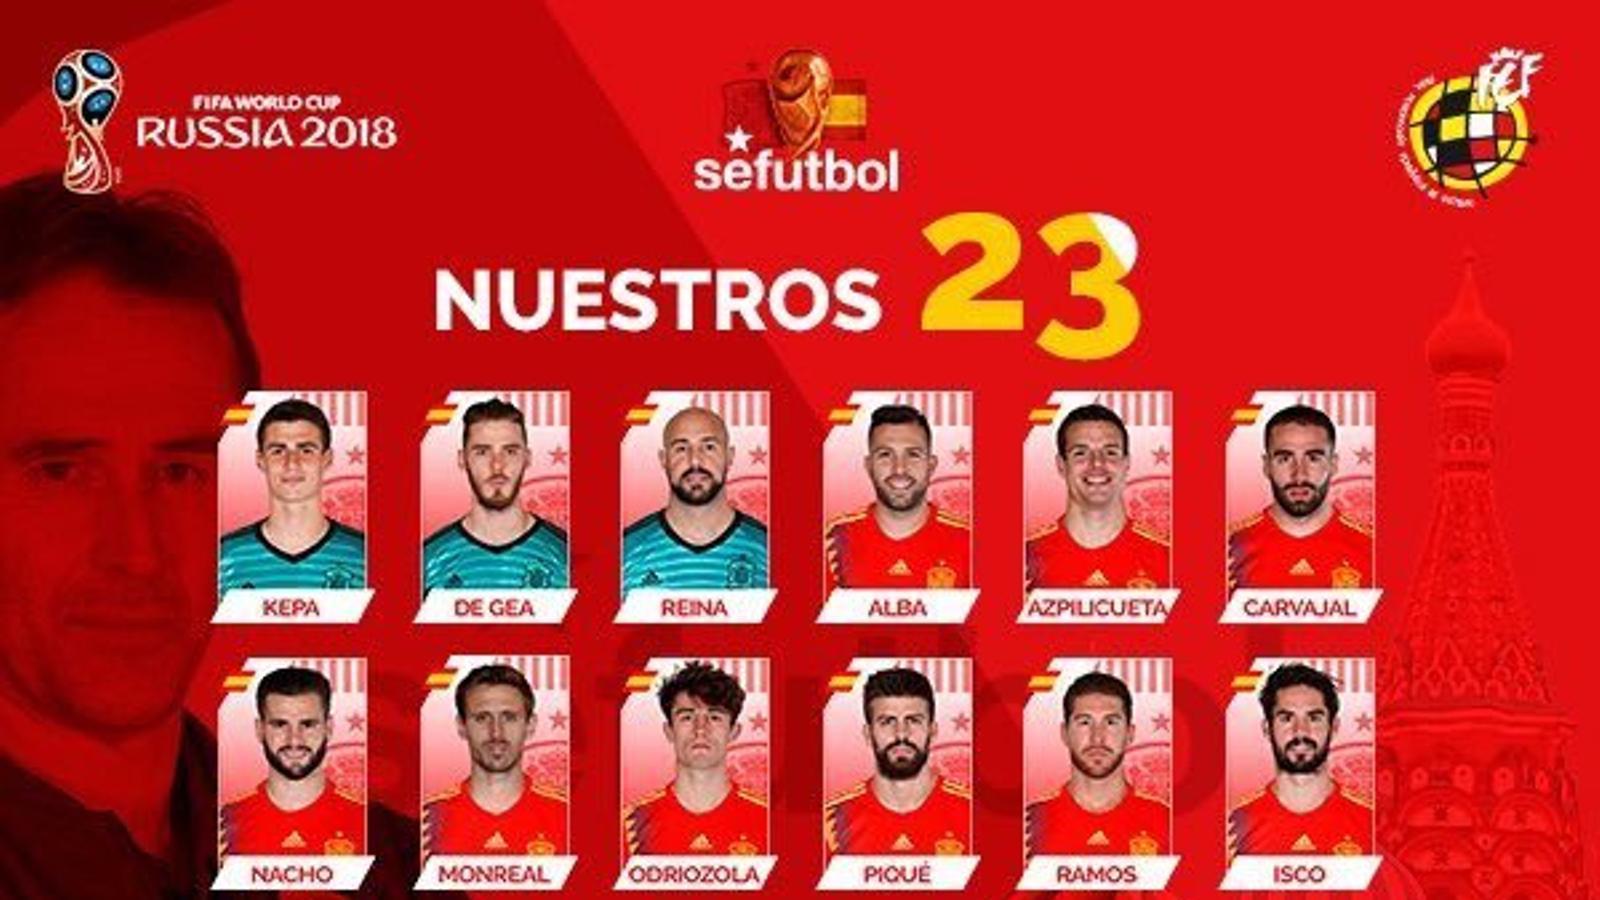 Convocatòria de la selecció espanyola per al Mundial de Rússia